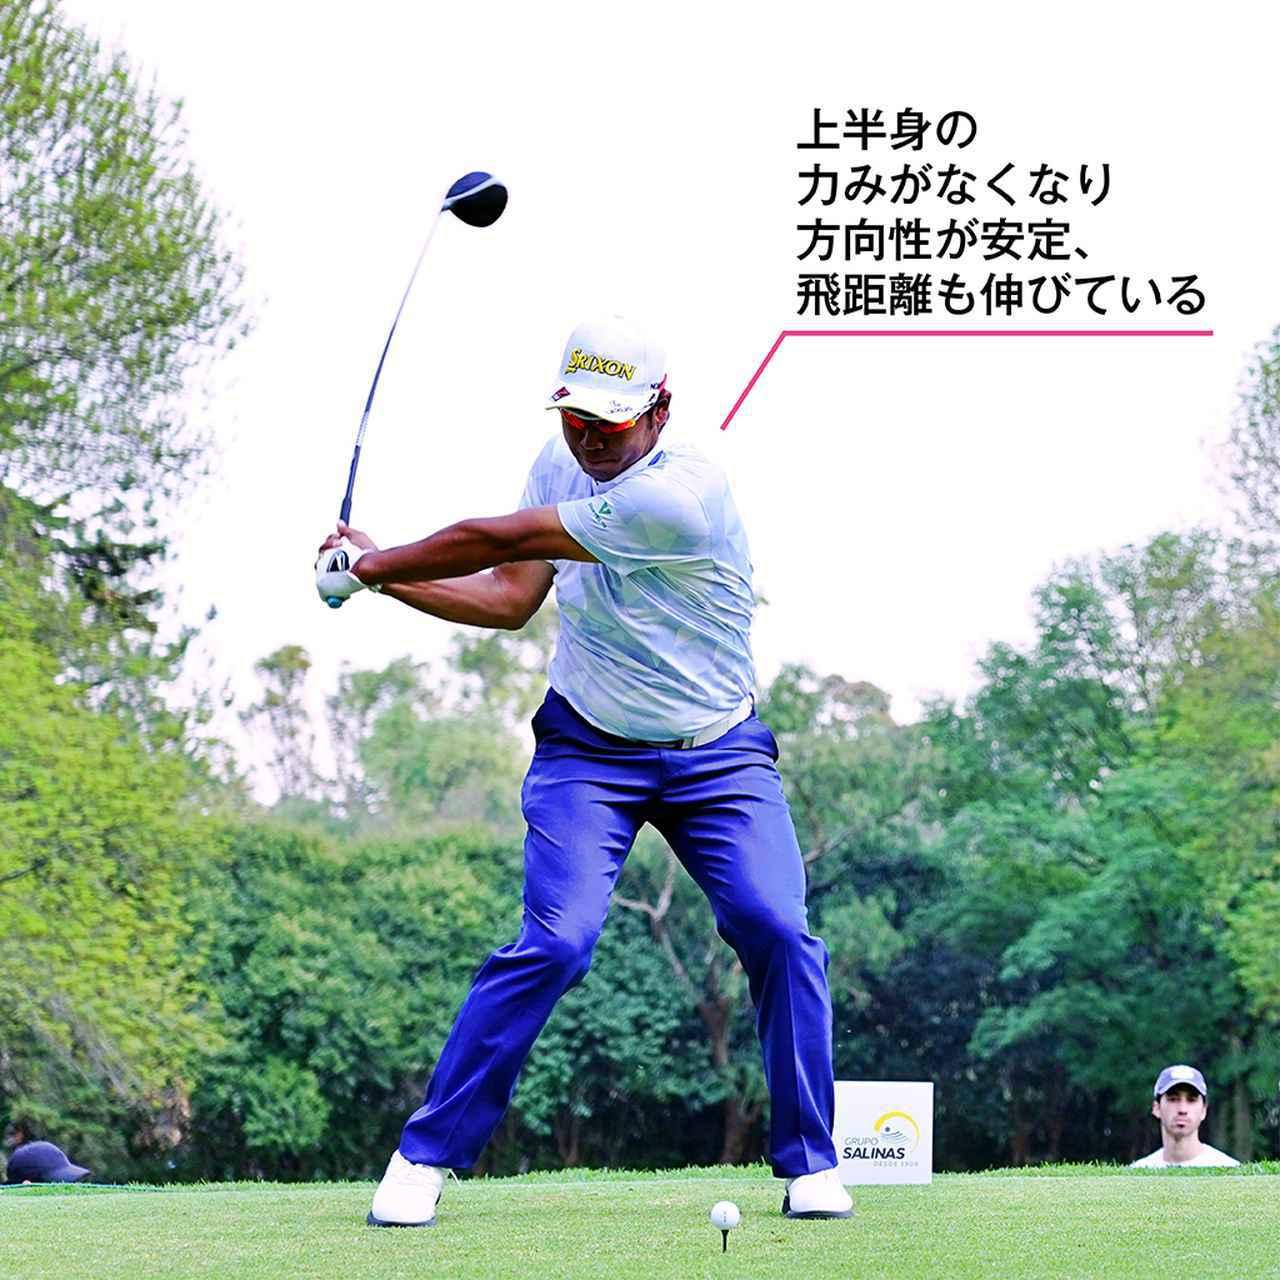 画像3: 【松山英樹】新スウィング&新パット。振りは速く、パットは五角形から三角形に!